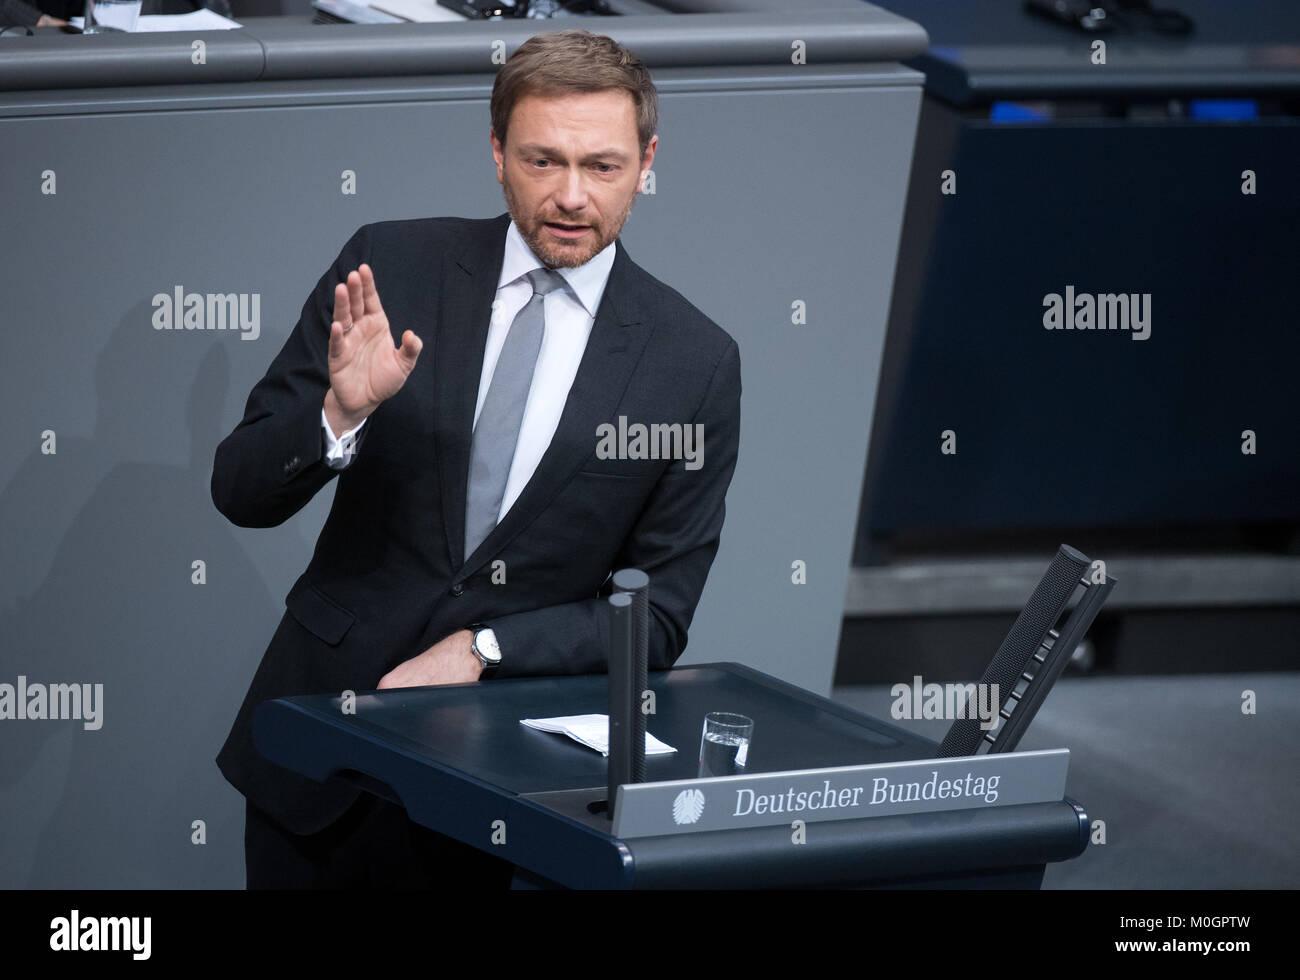 Berlin, Deutschland. 22 Jan, 2018. Freie Demokratische Partei (FDP) leader Christian Lindner spricht im Bundestag Stockbild